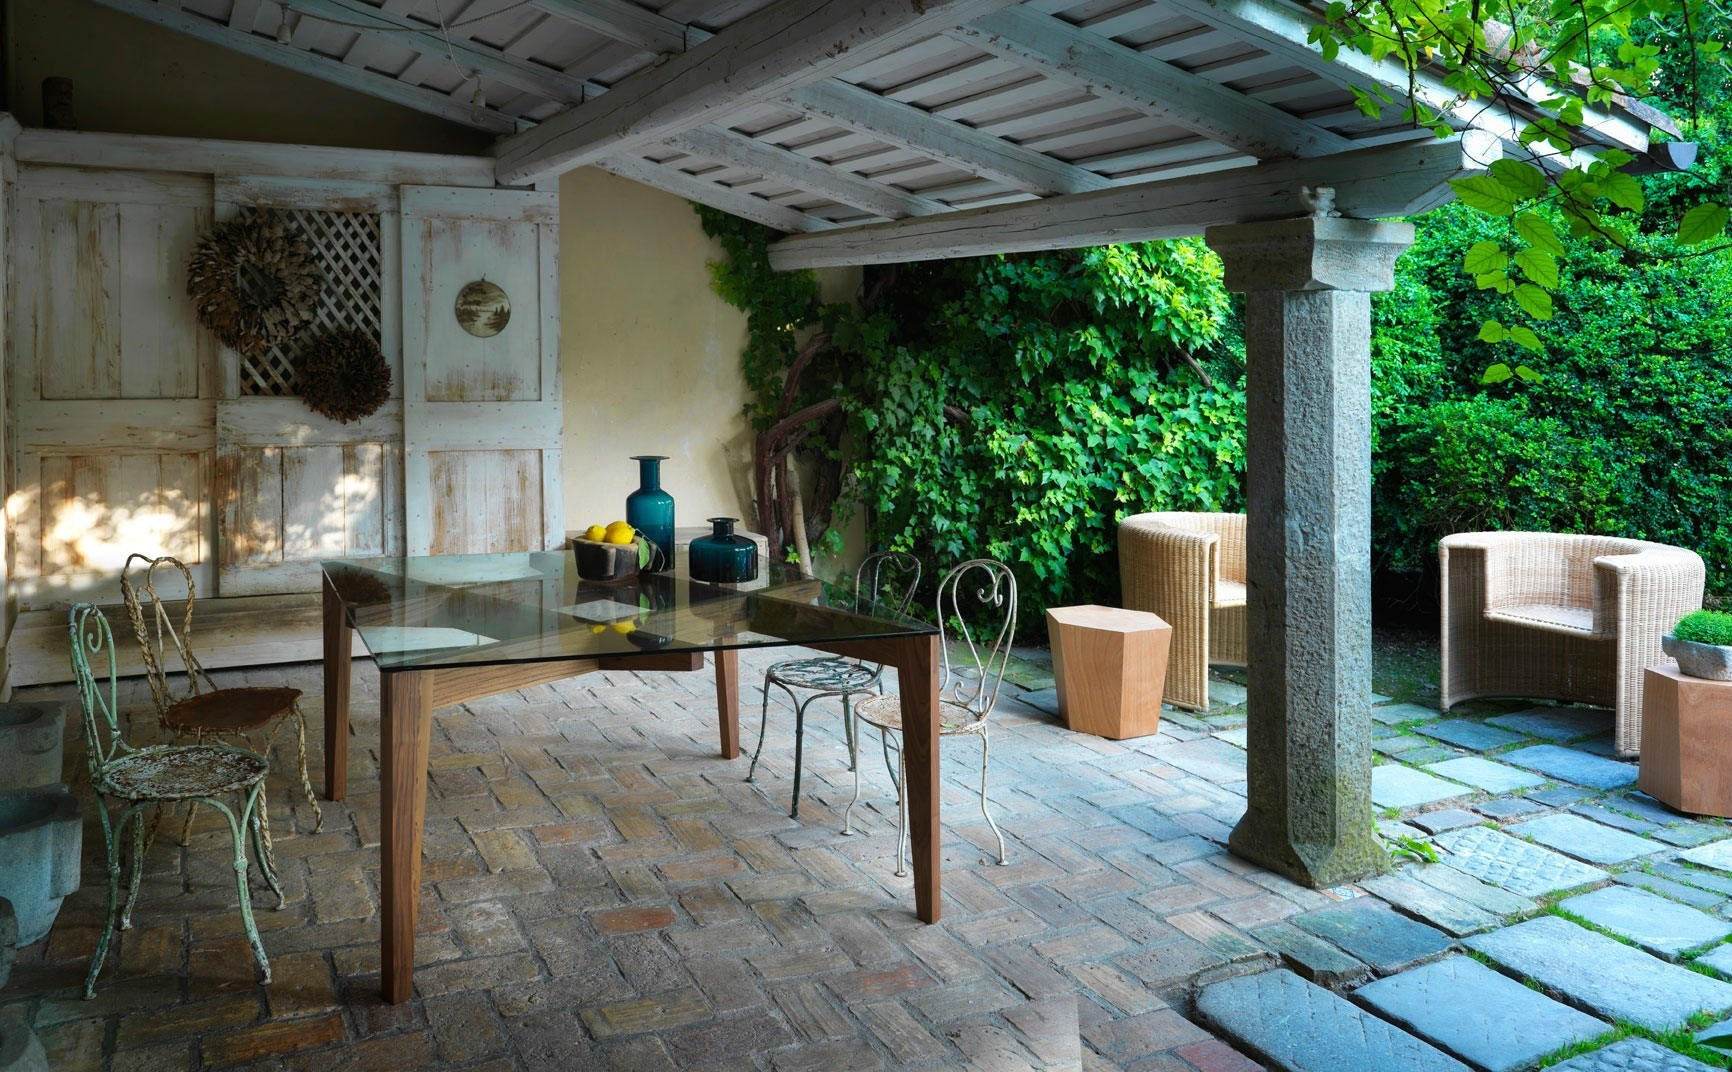 Terrazza, porte scorrevoli di legno,tavola di vetro e di legno